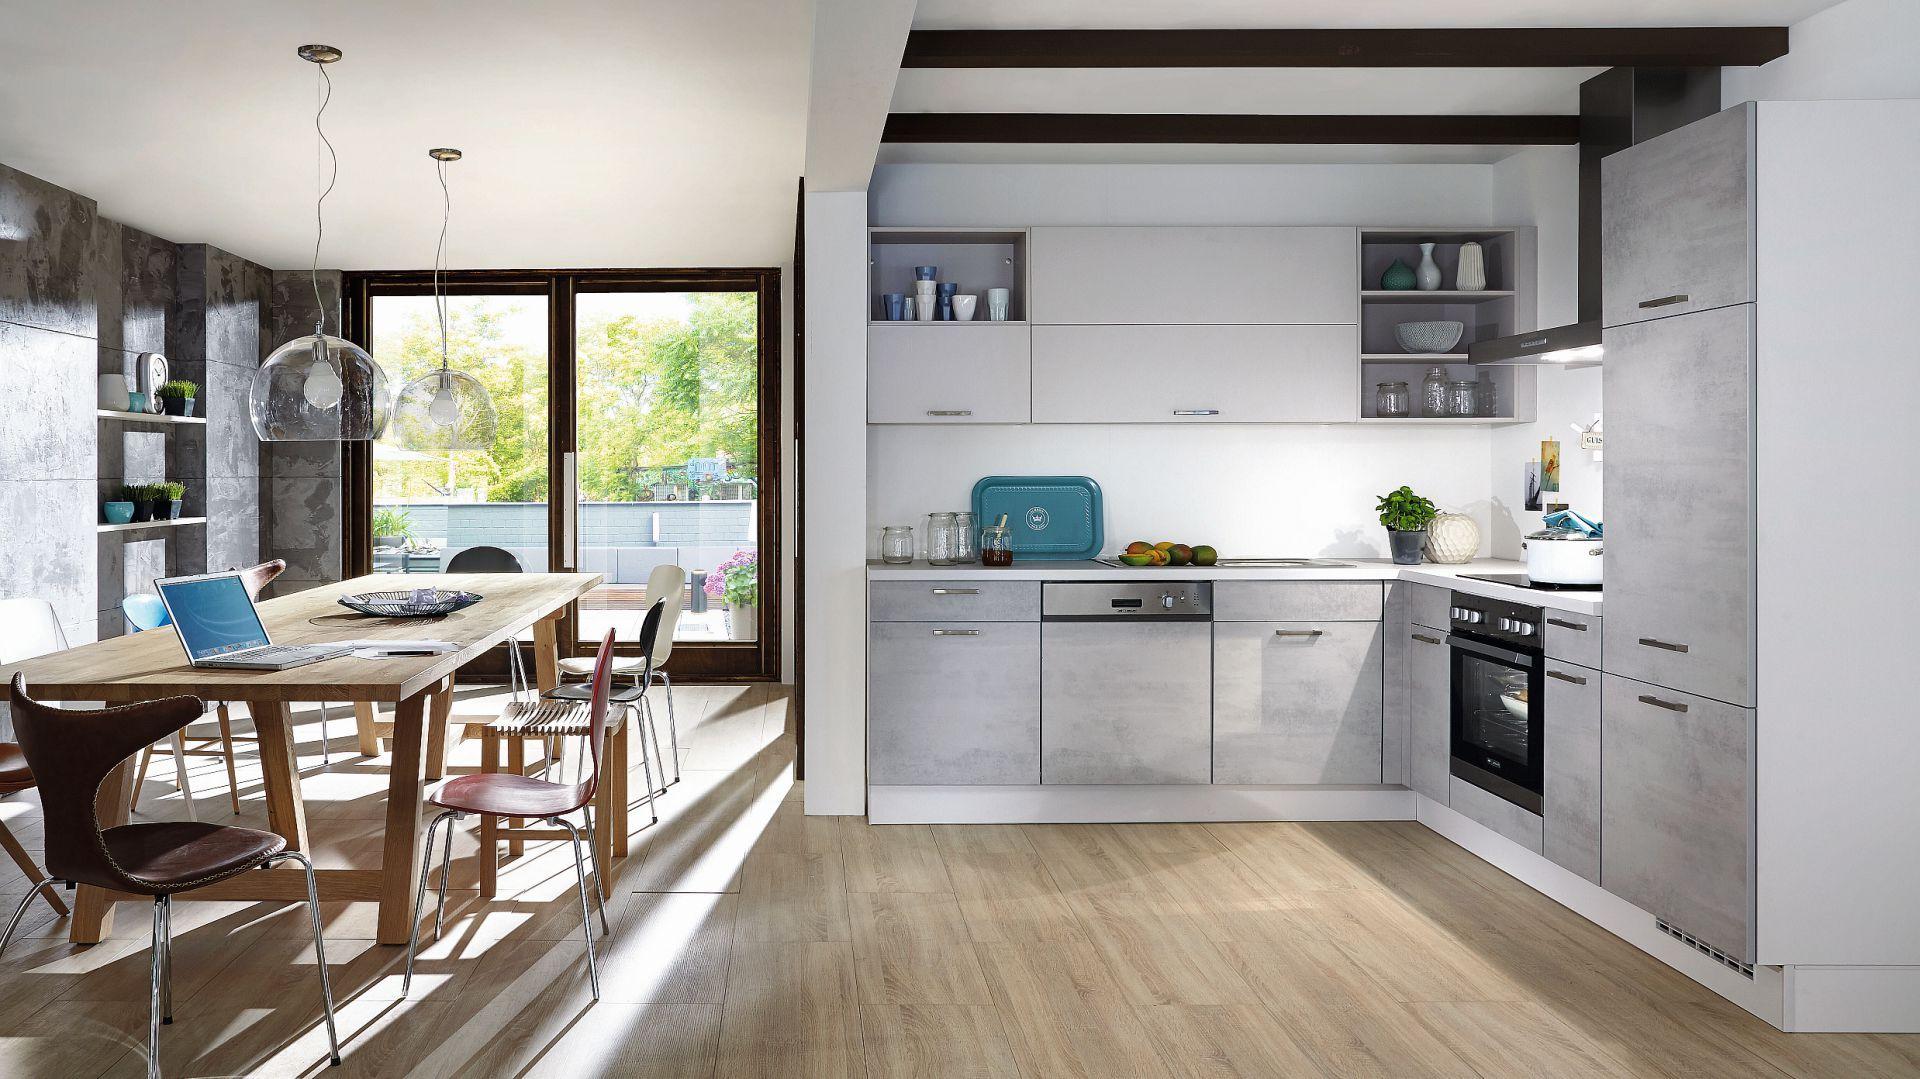 Wygodna Kuchnia 12 Pieknych Inspiracji Kitchen Trends Hardwood Floors In Kitchen Living Room Kitchen